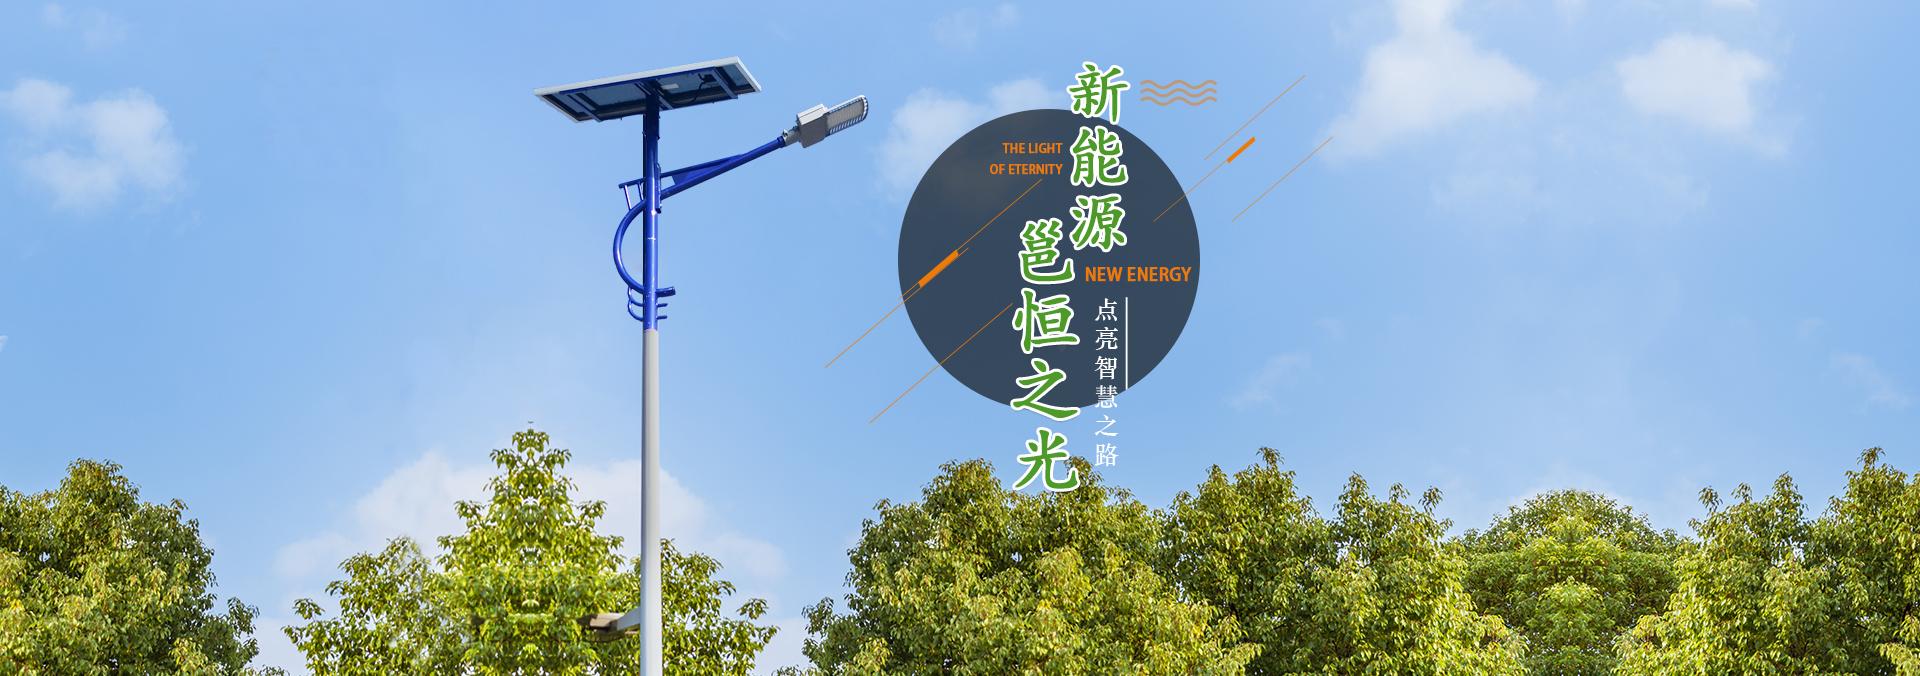 太阳能市政路灯